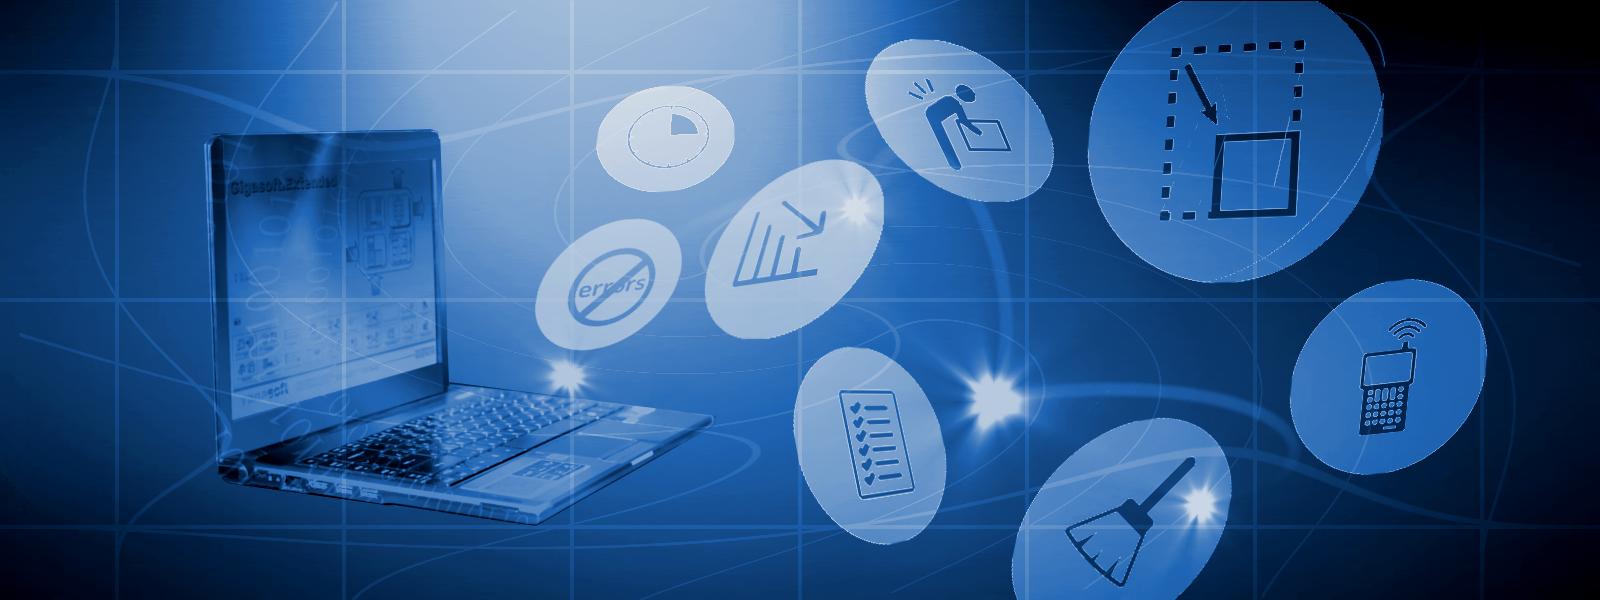 Haal maximaal voordeel uit uw opslagsysteem met onze op maat gemaakte software